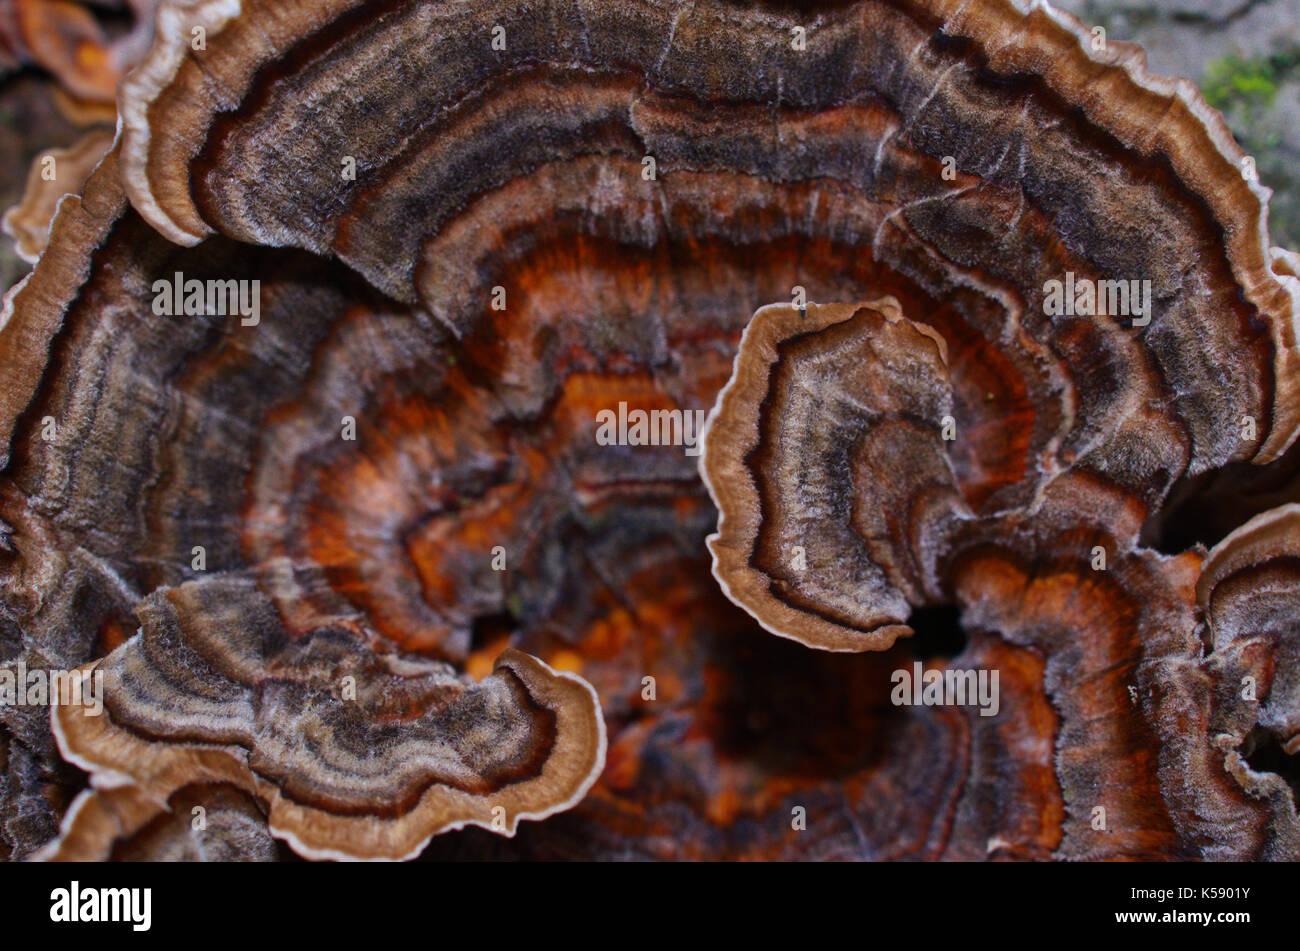 Mushroom macro photographie gros plan sur le sol forestier haut sol ... ef880507091